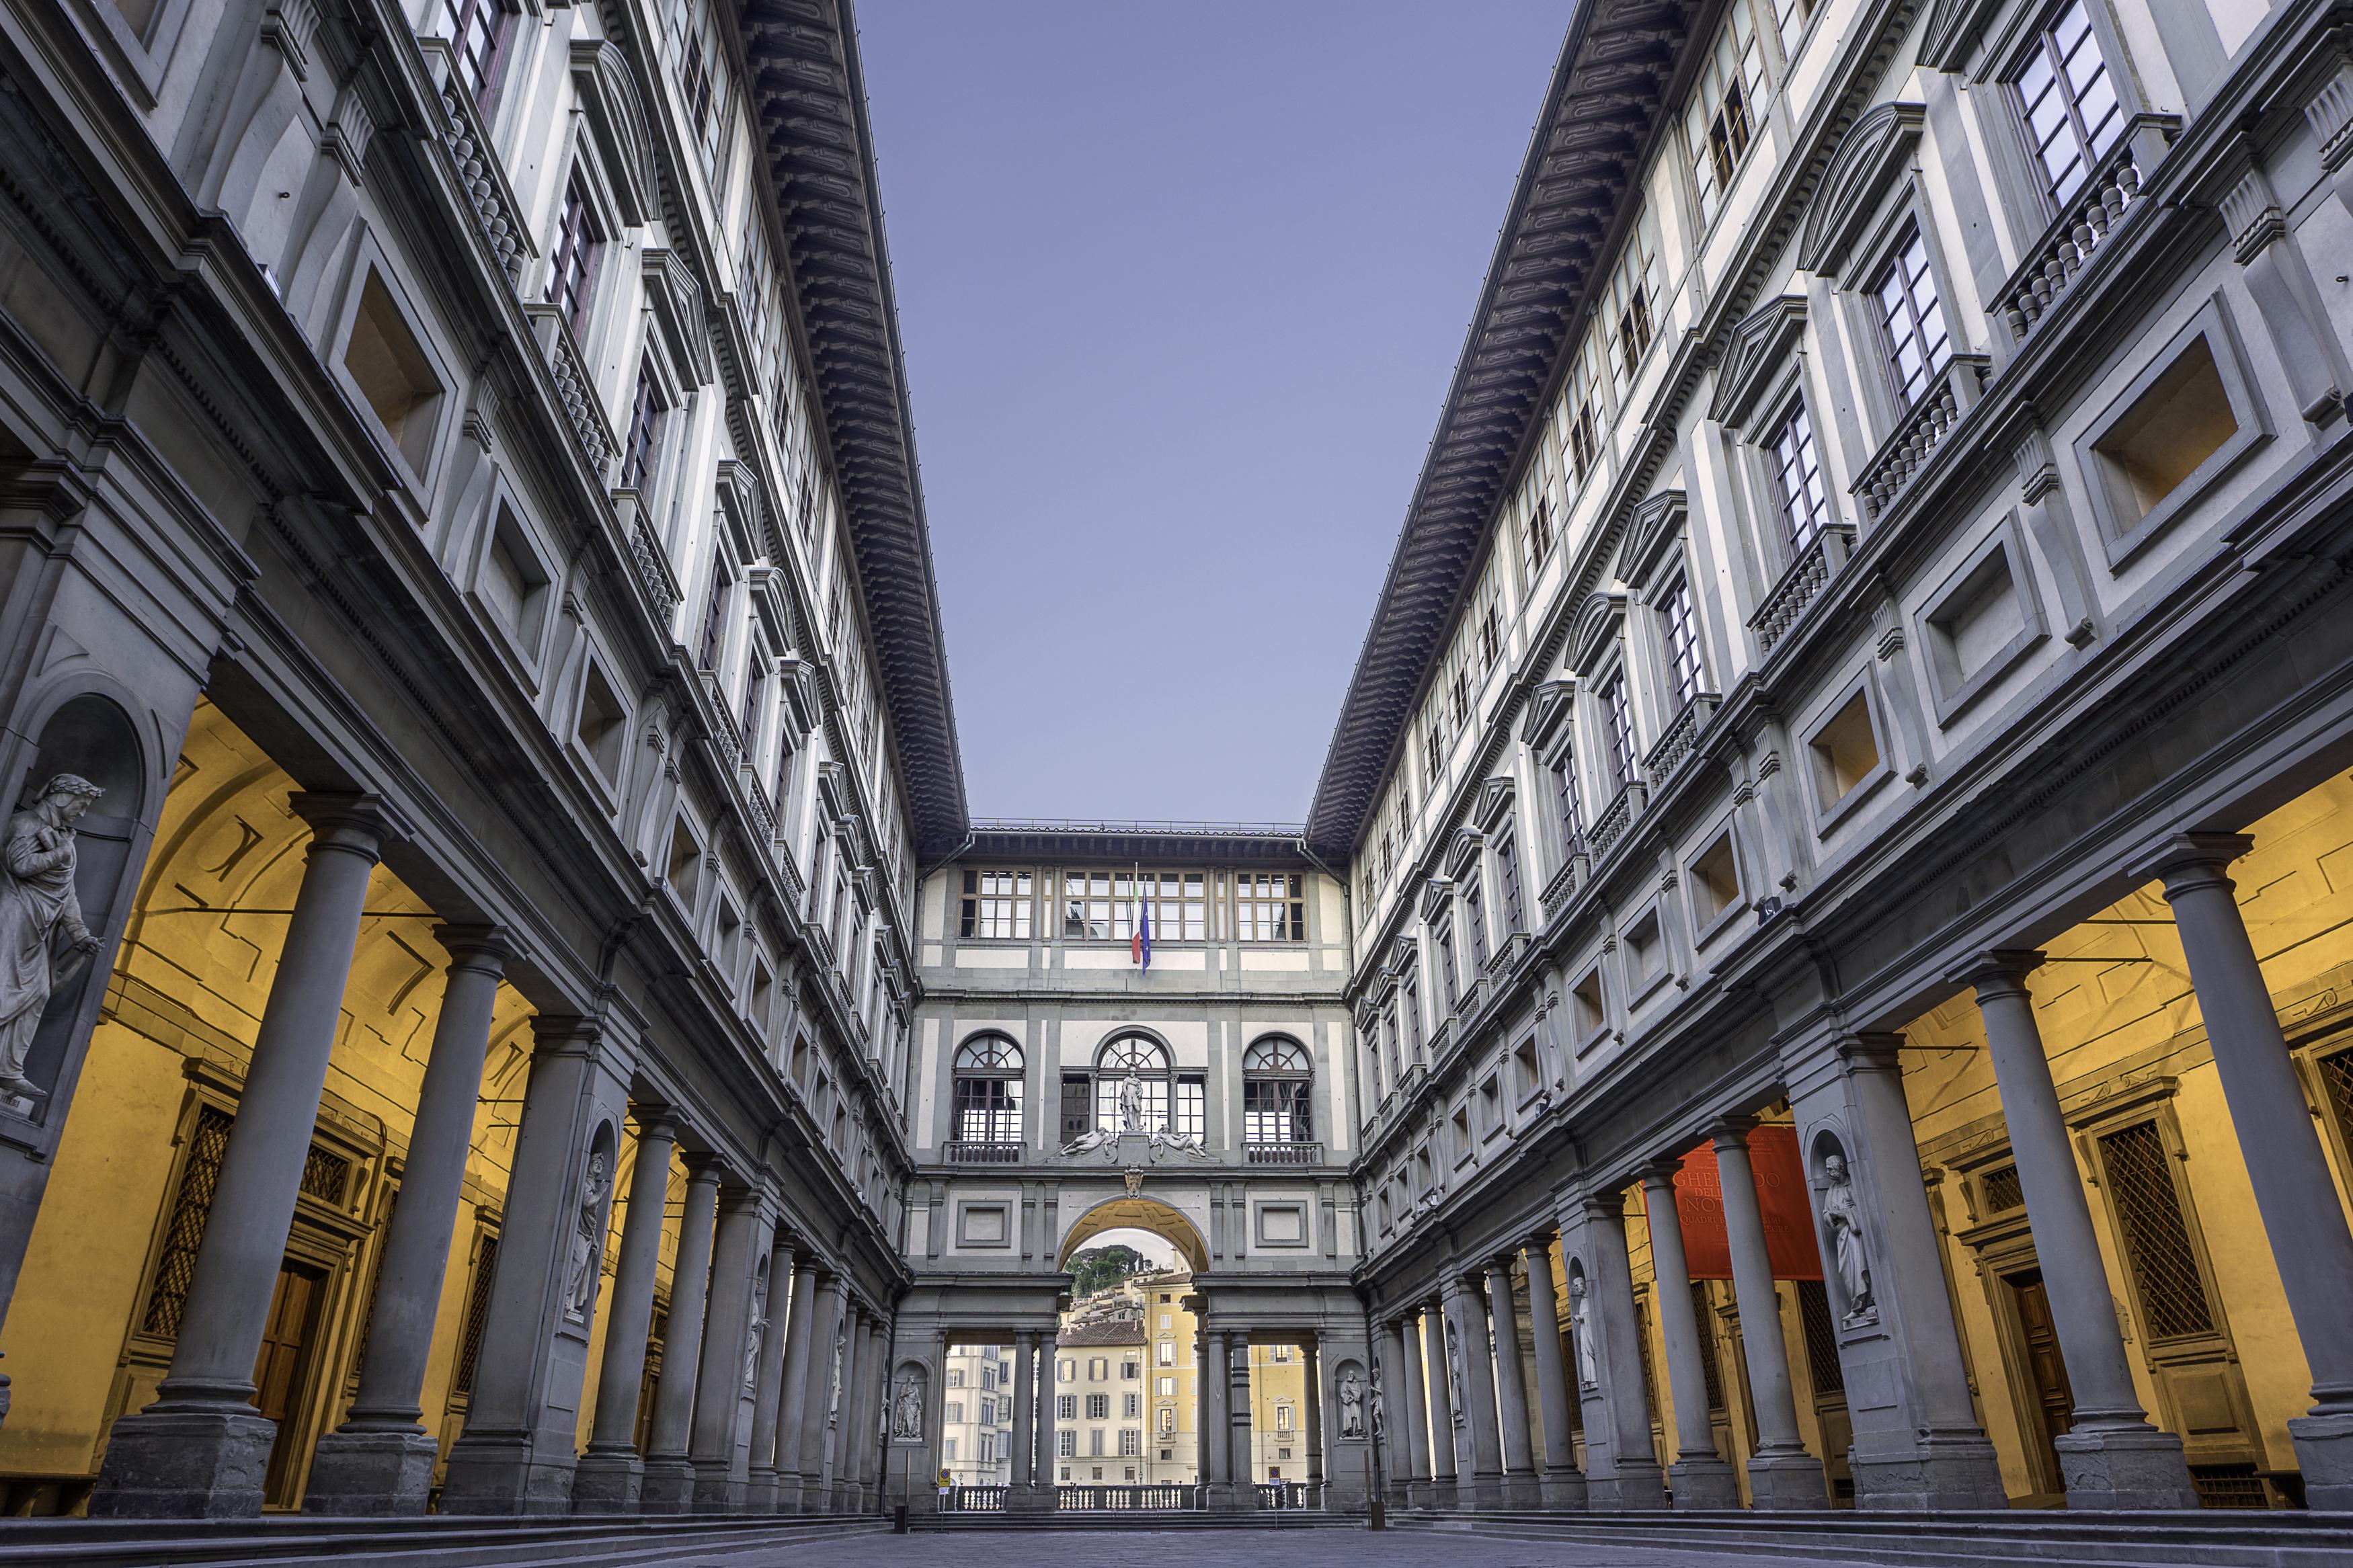 La galería Uffizi, una cita ineludible con lo más destacado de la pintura renacentista - Italia Circuito Italia Bella: de Milán a Roma